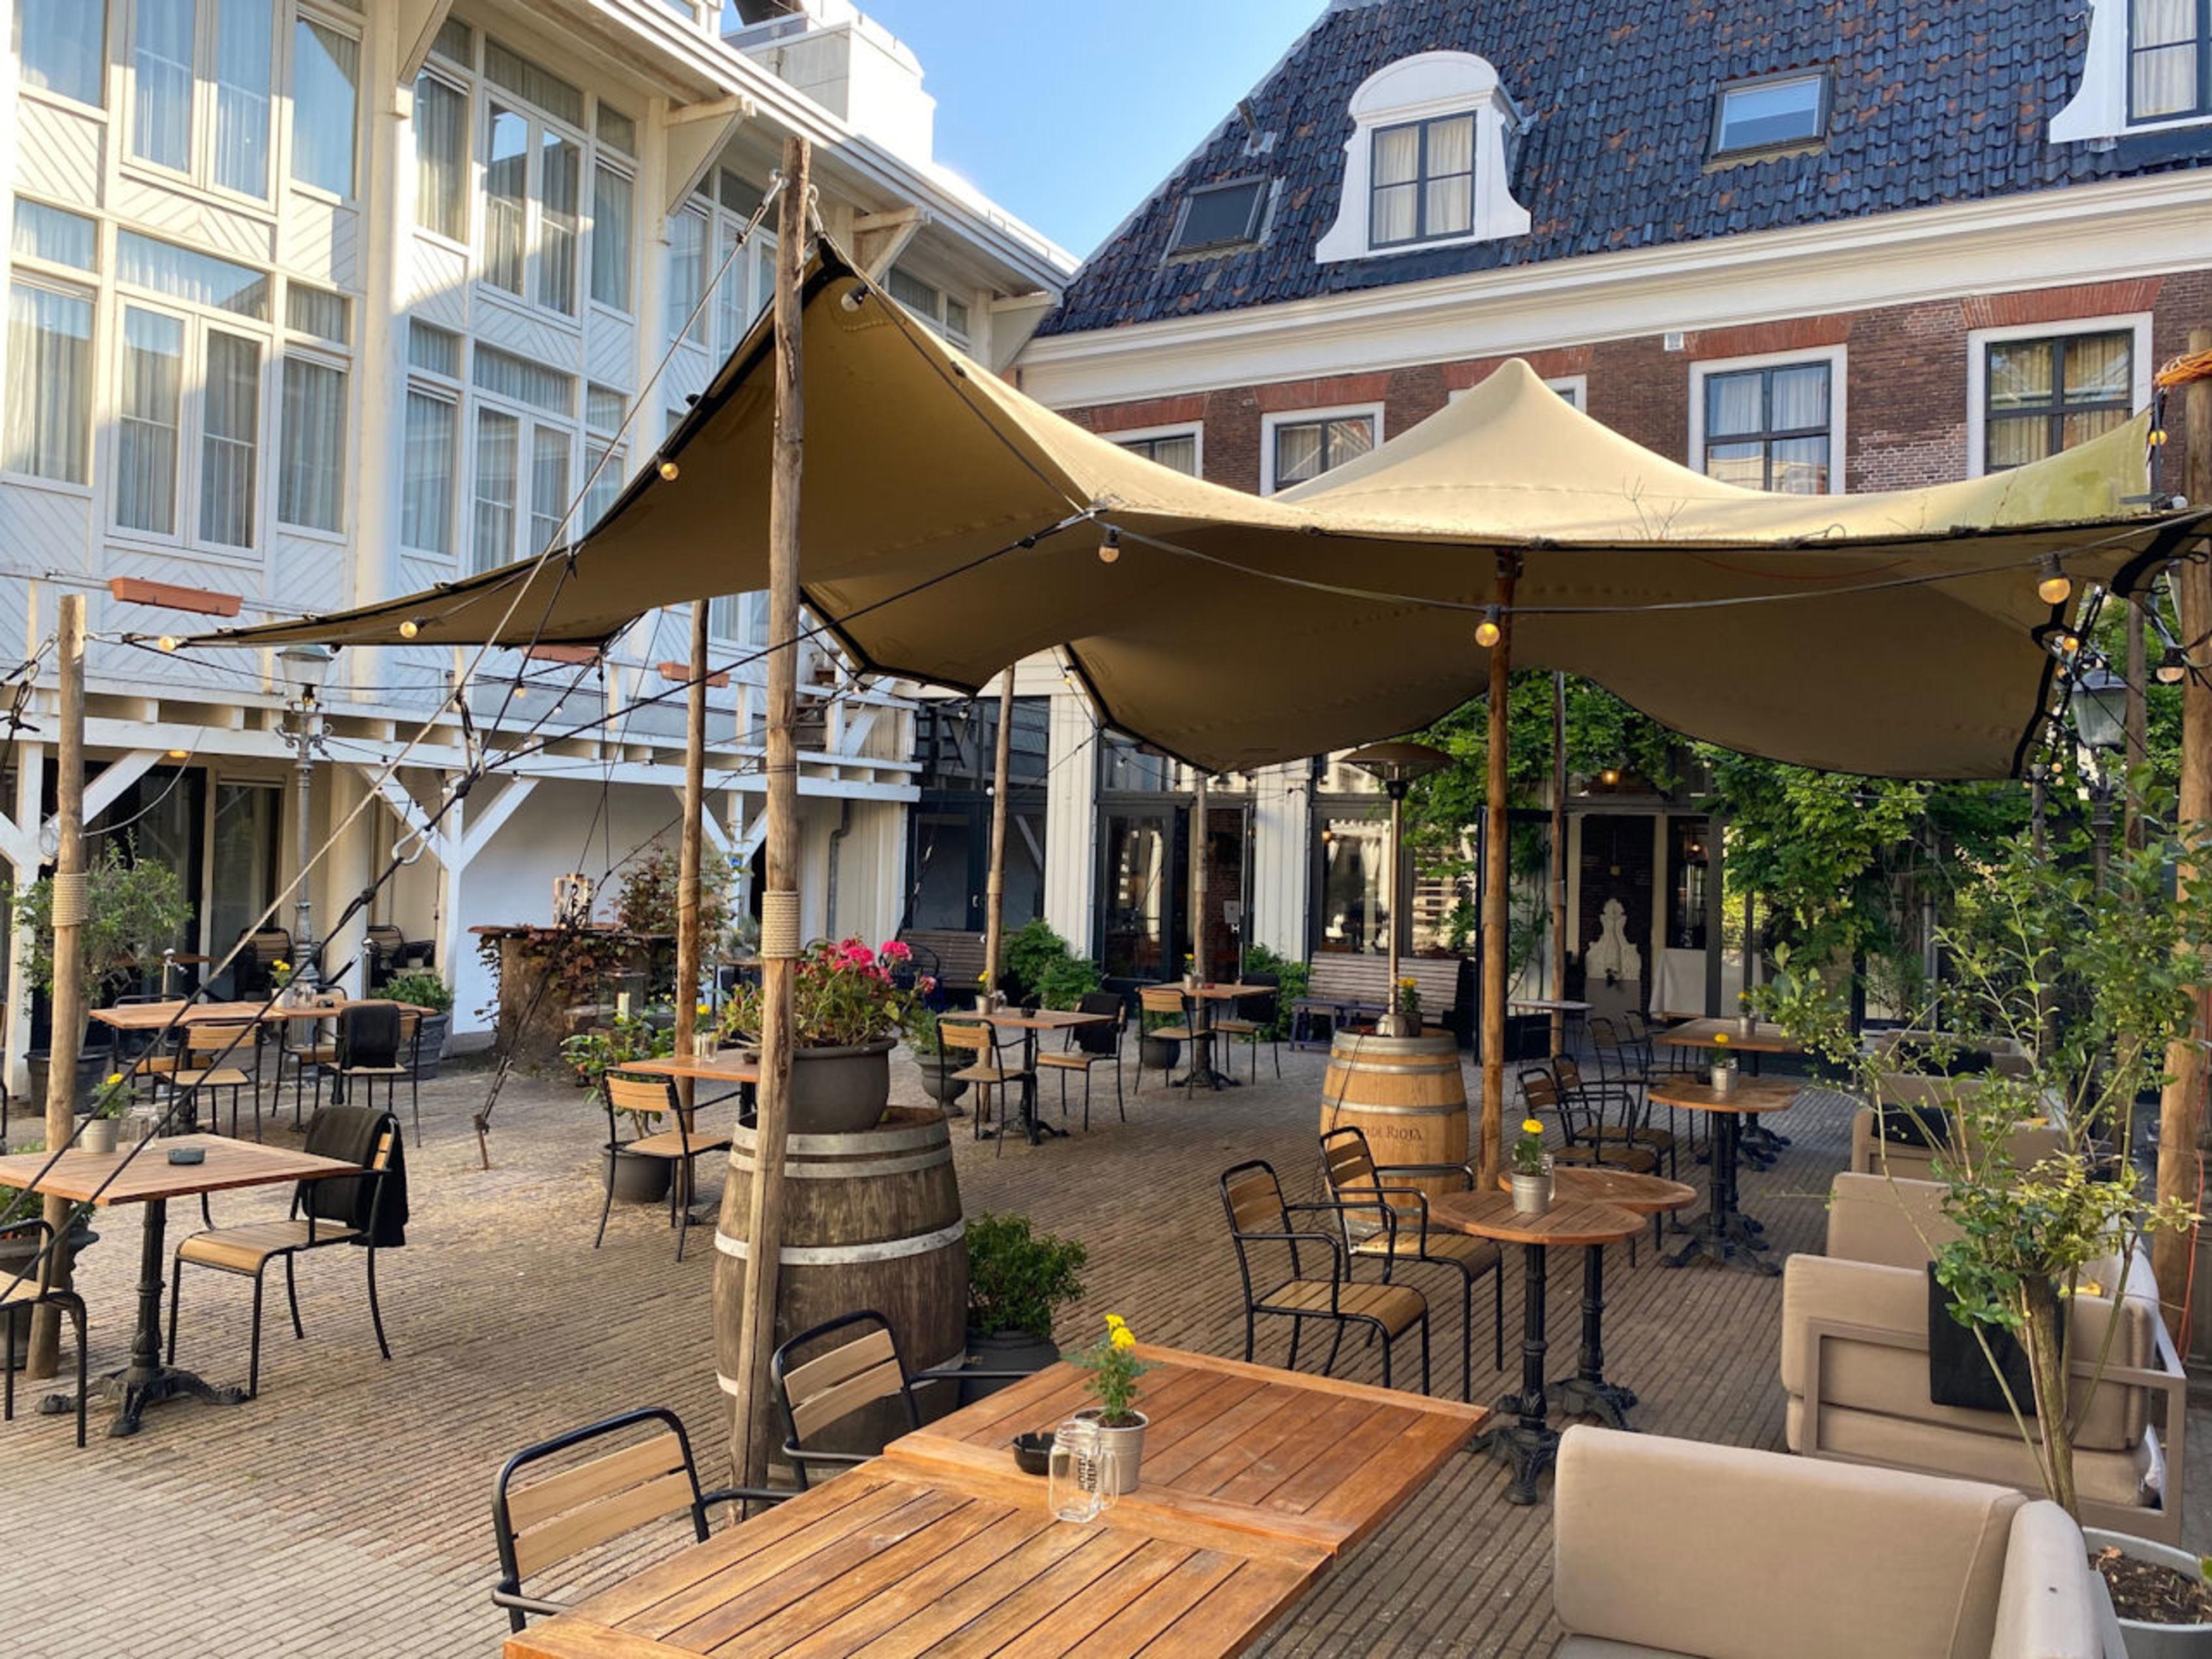 Trouwen in Groningen bij Het Schimmelpenninck Huys